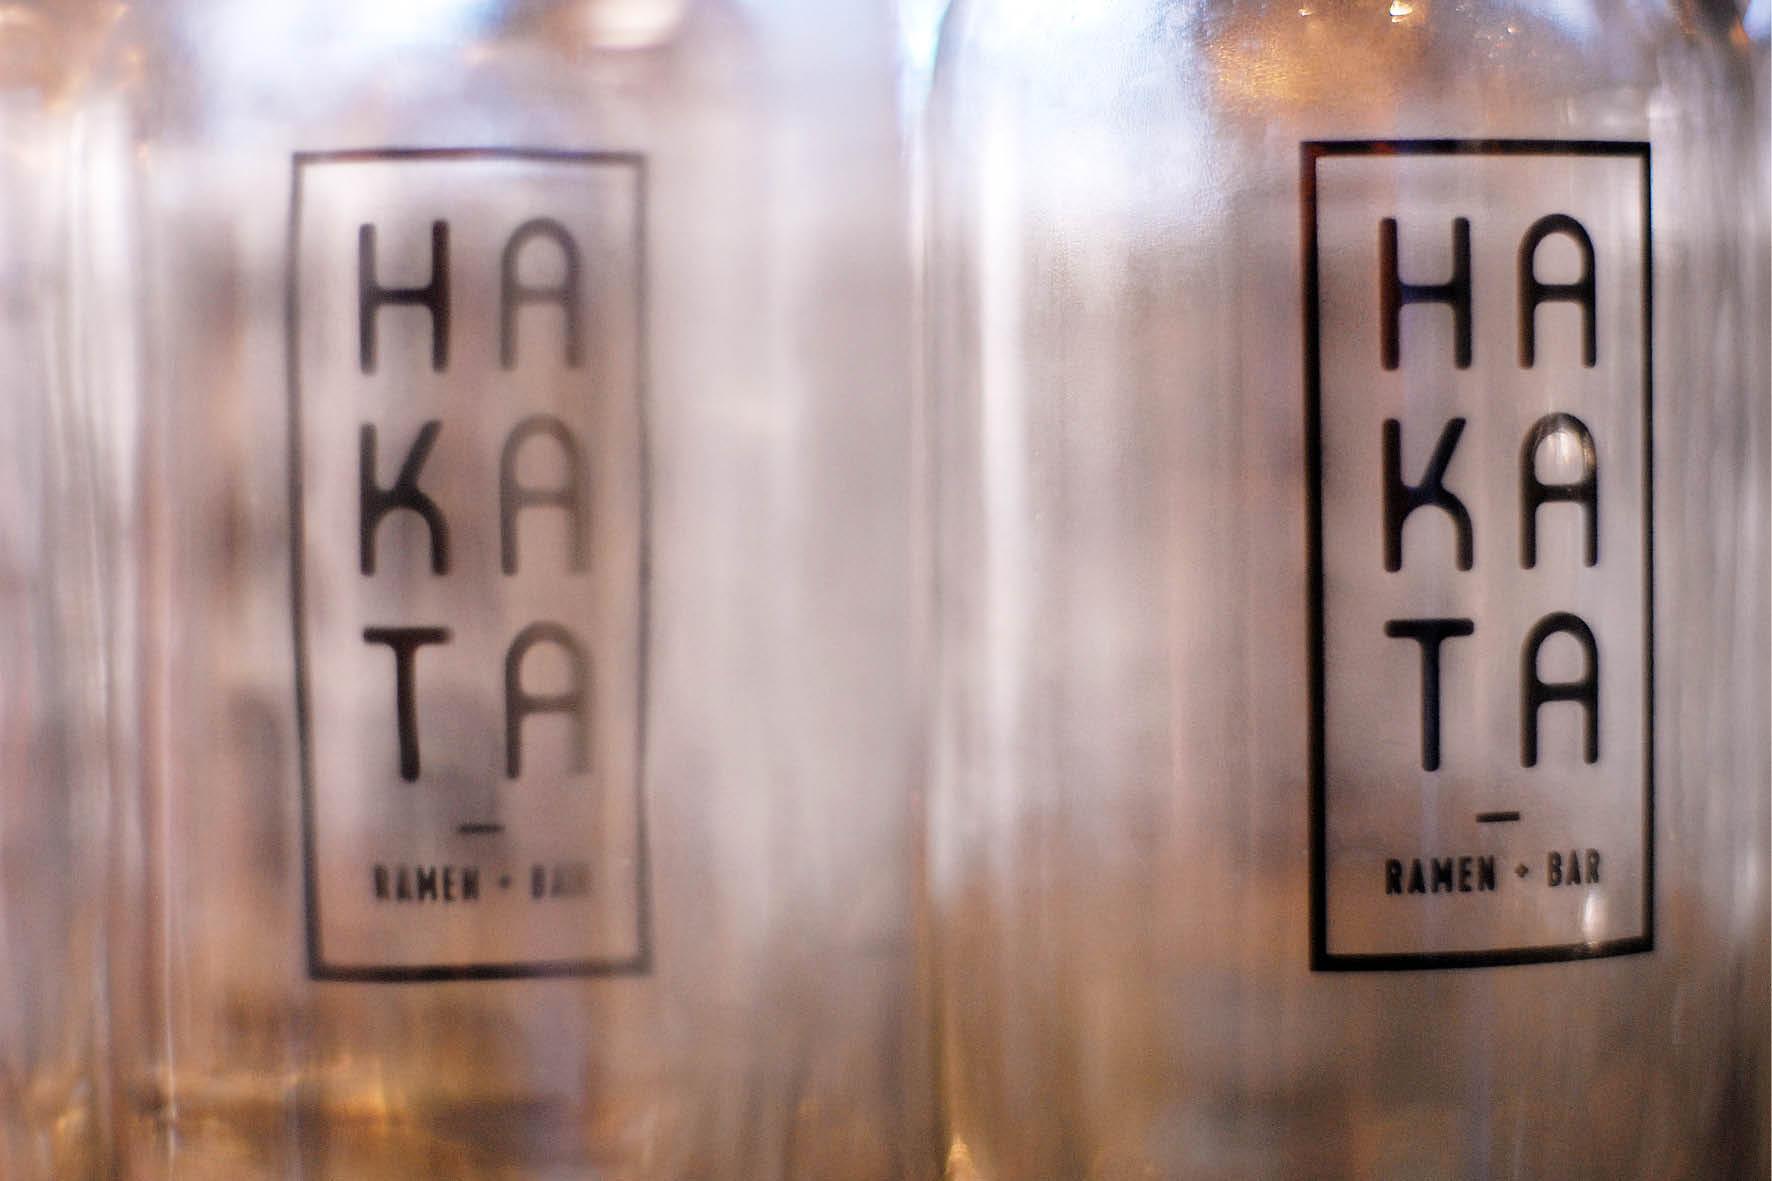 hakata_japanese_ramen+bar_2019_no_52.jpg